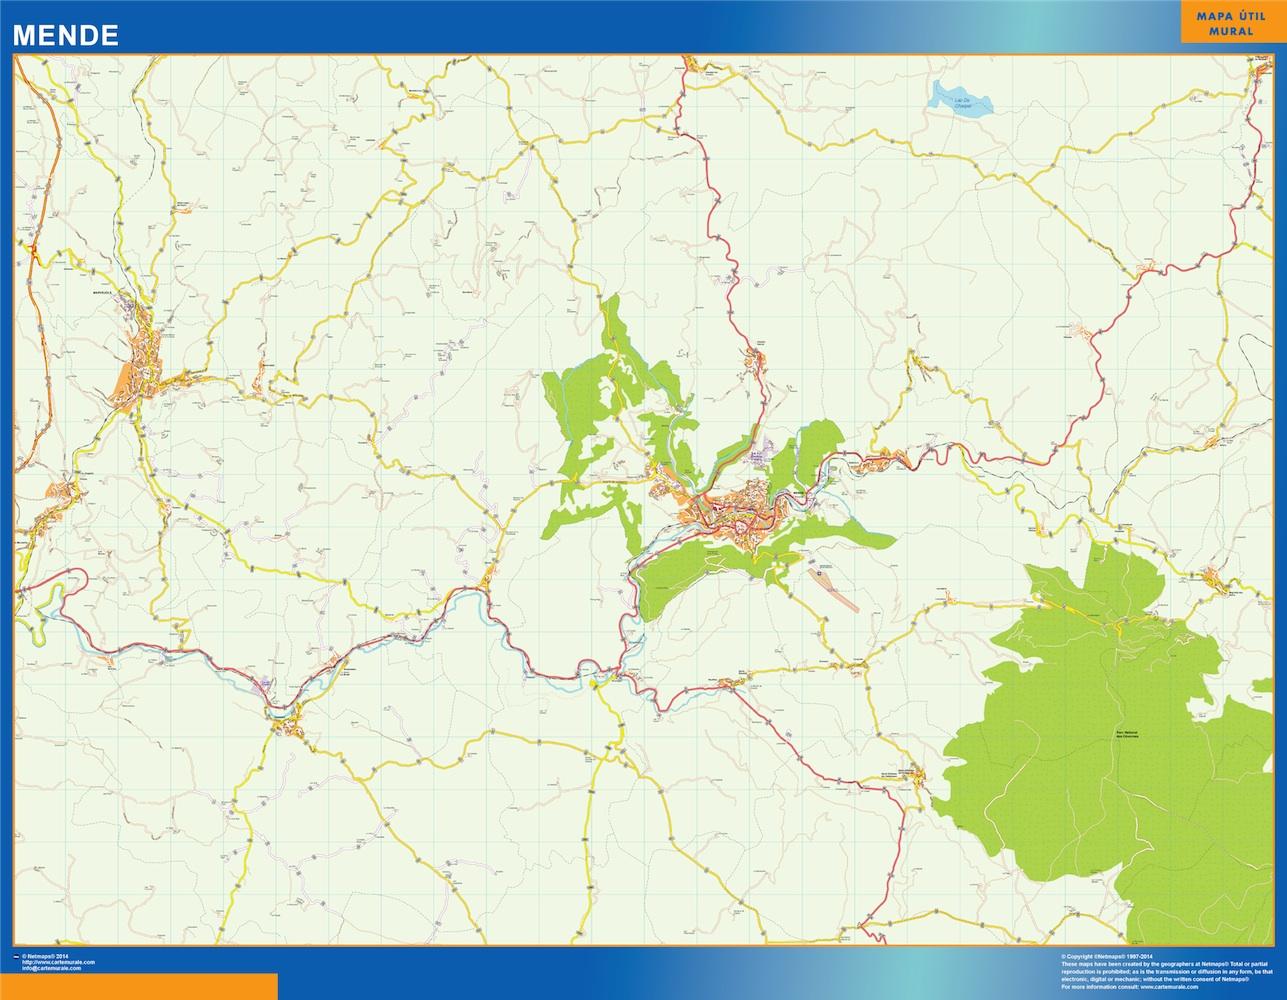 Mapa Mende en Francia plastificado gigante